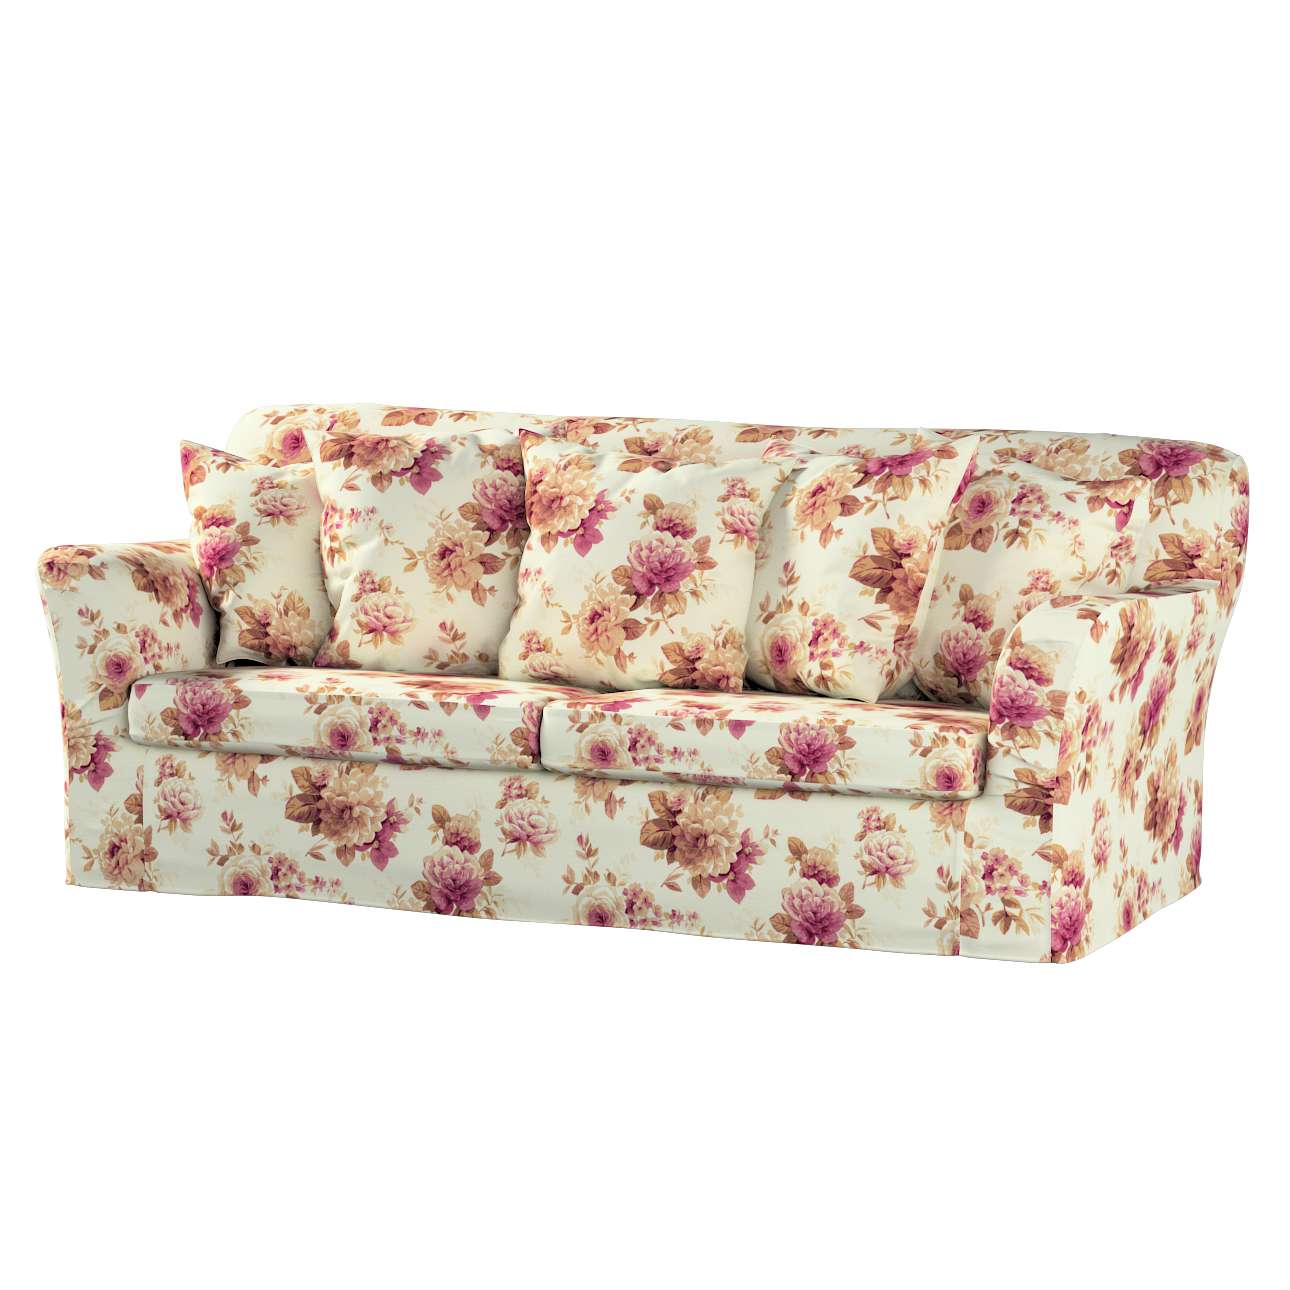 Pokrowiec na sofę Tomelilla 3-osobową rozkładaną w kolekcji Mirella, tkanina: 141-06